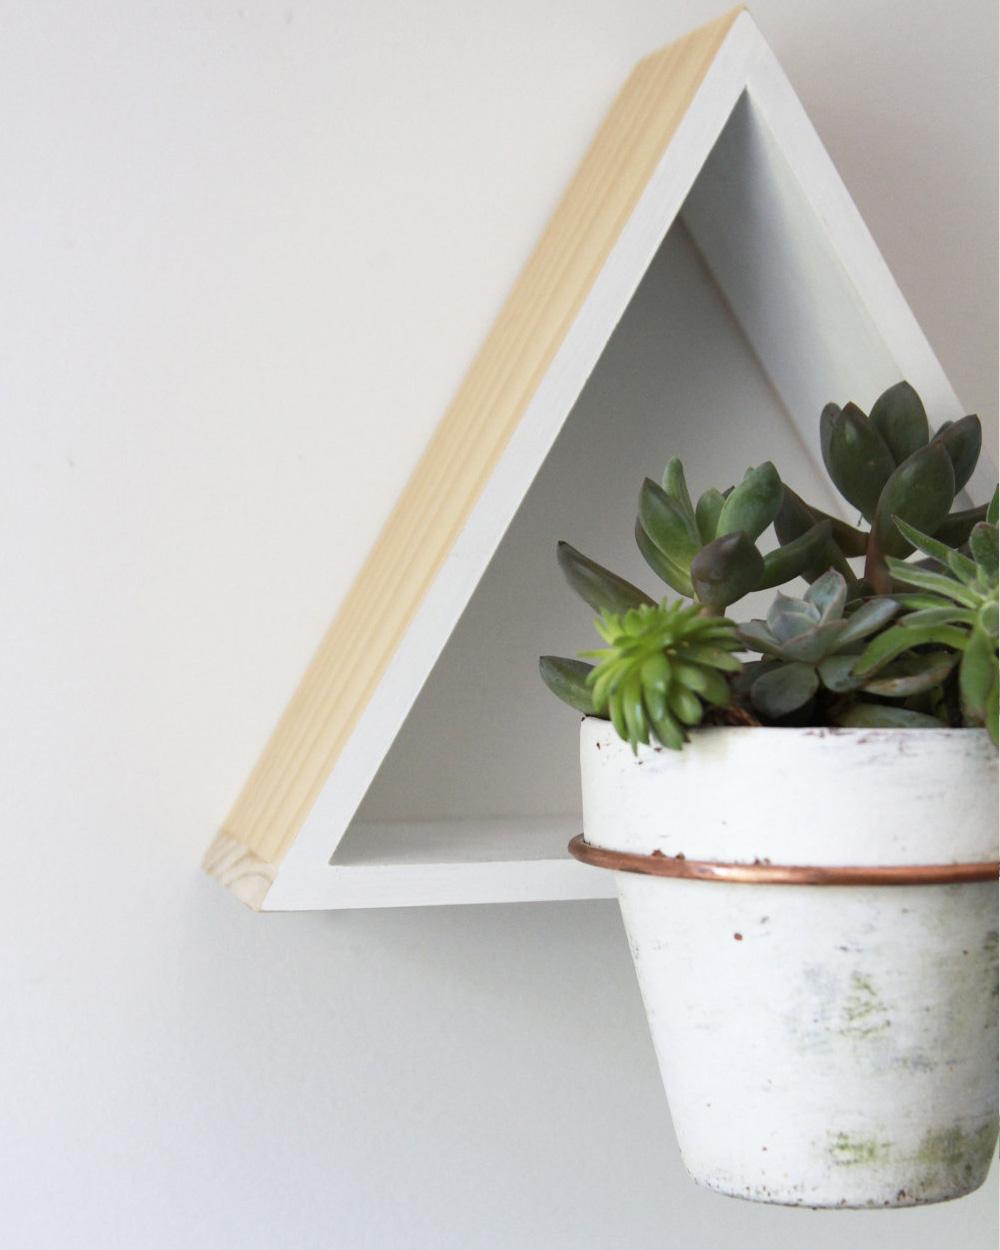 suspension plante diy triangle